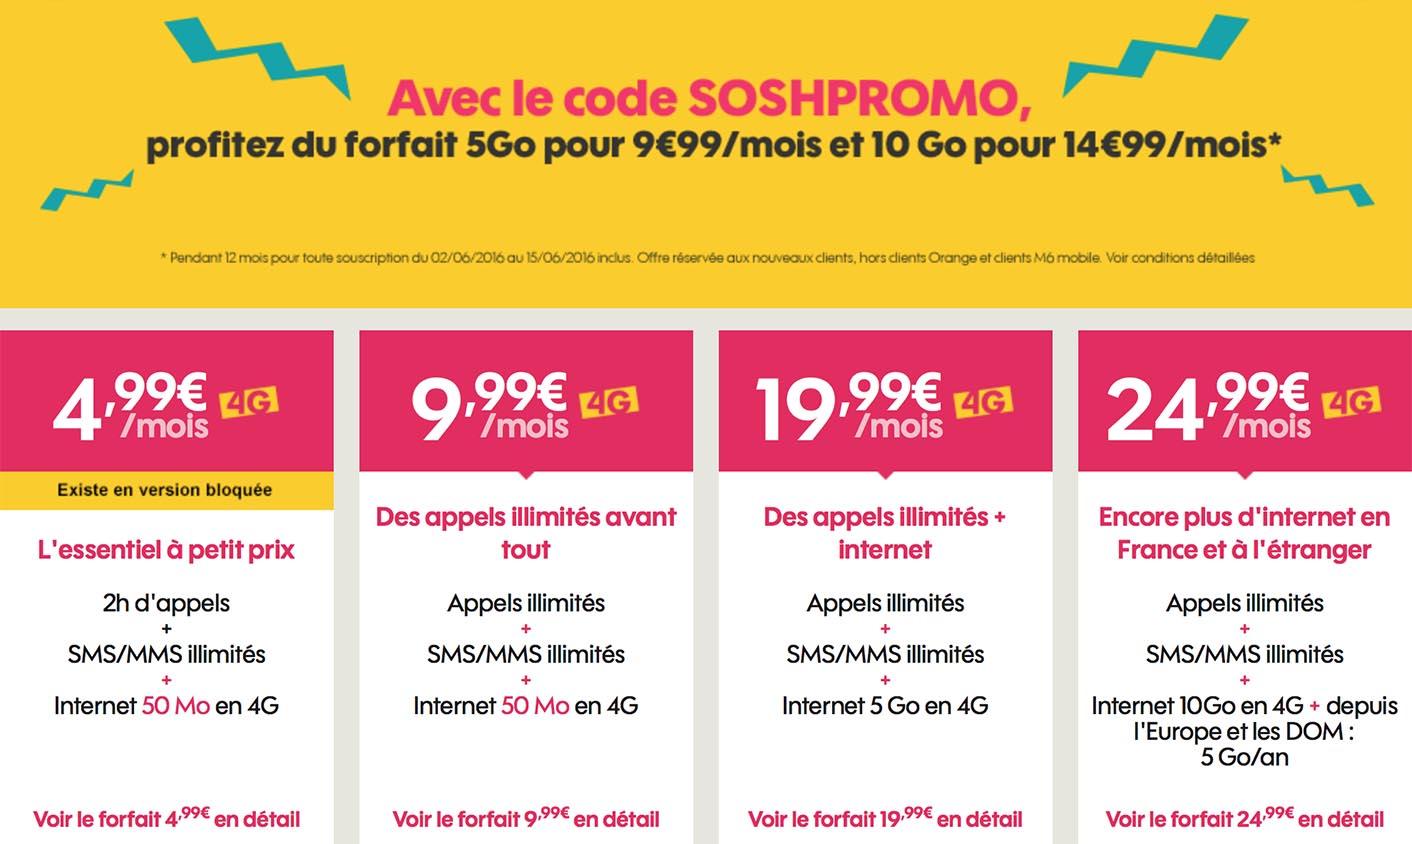 https://consomac.fr/images/news/soshpromo-juin16.jpg